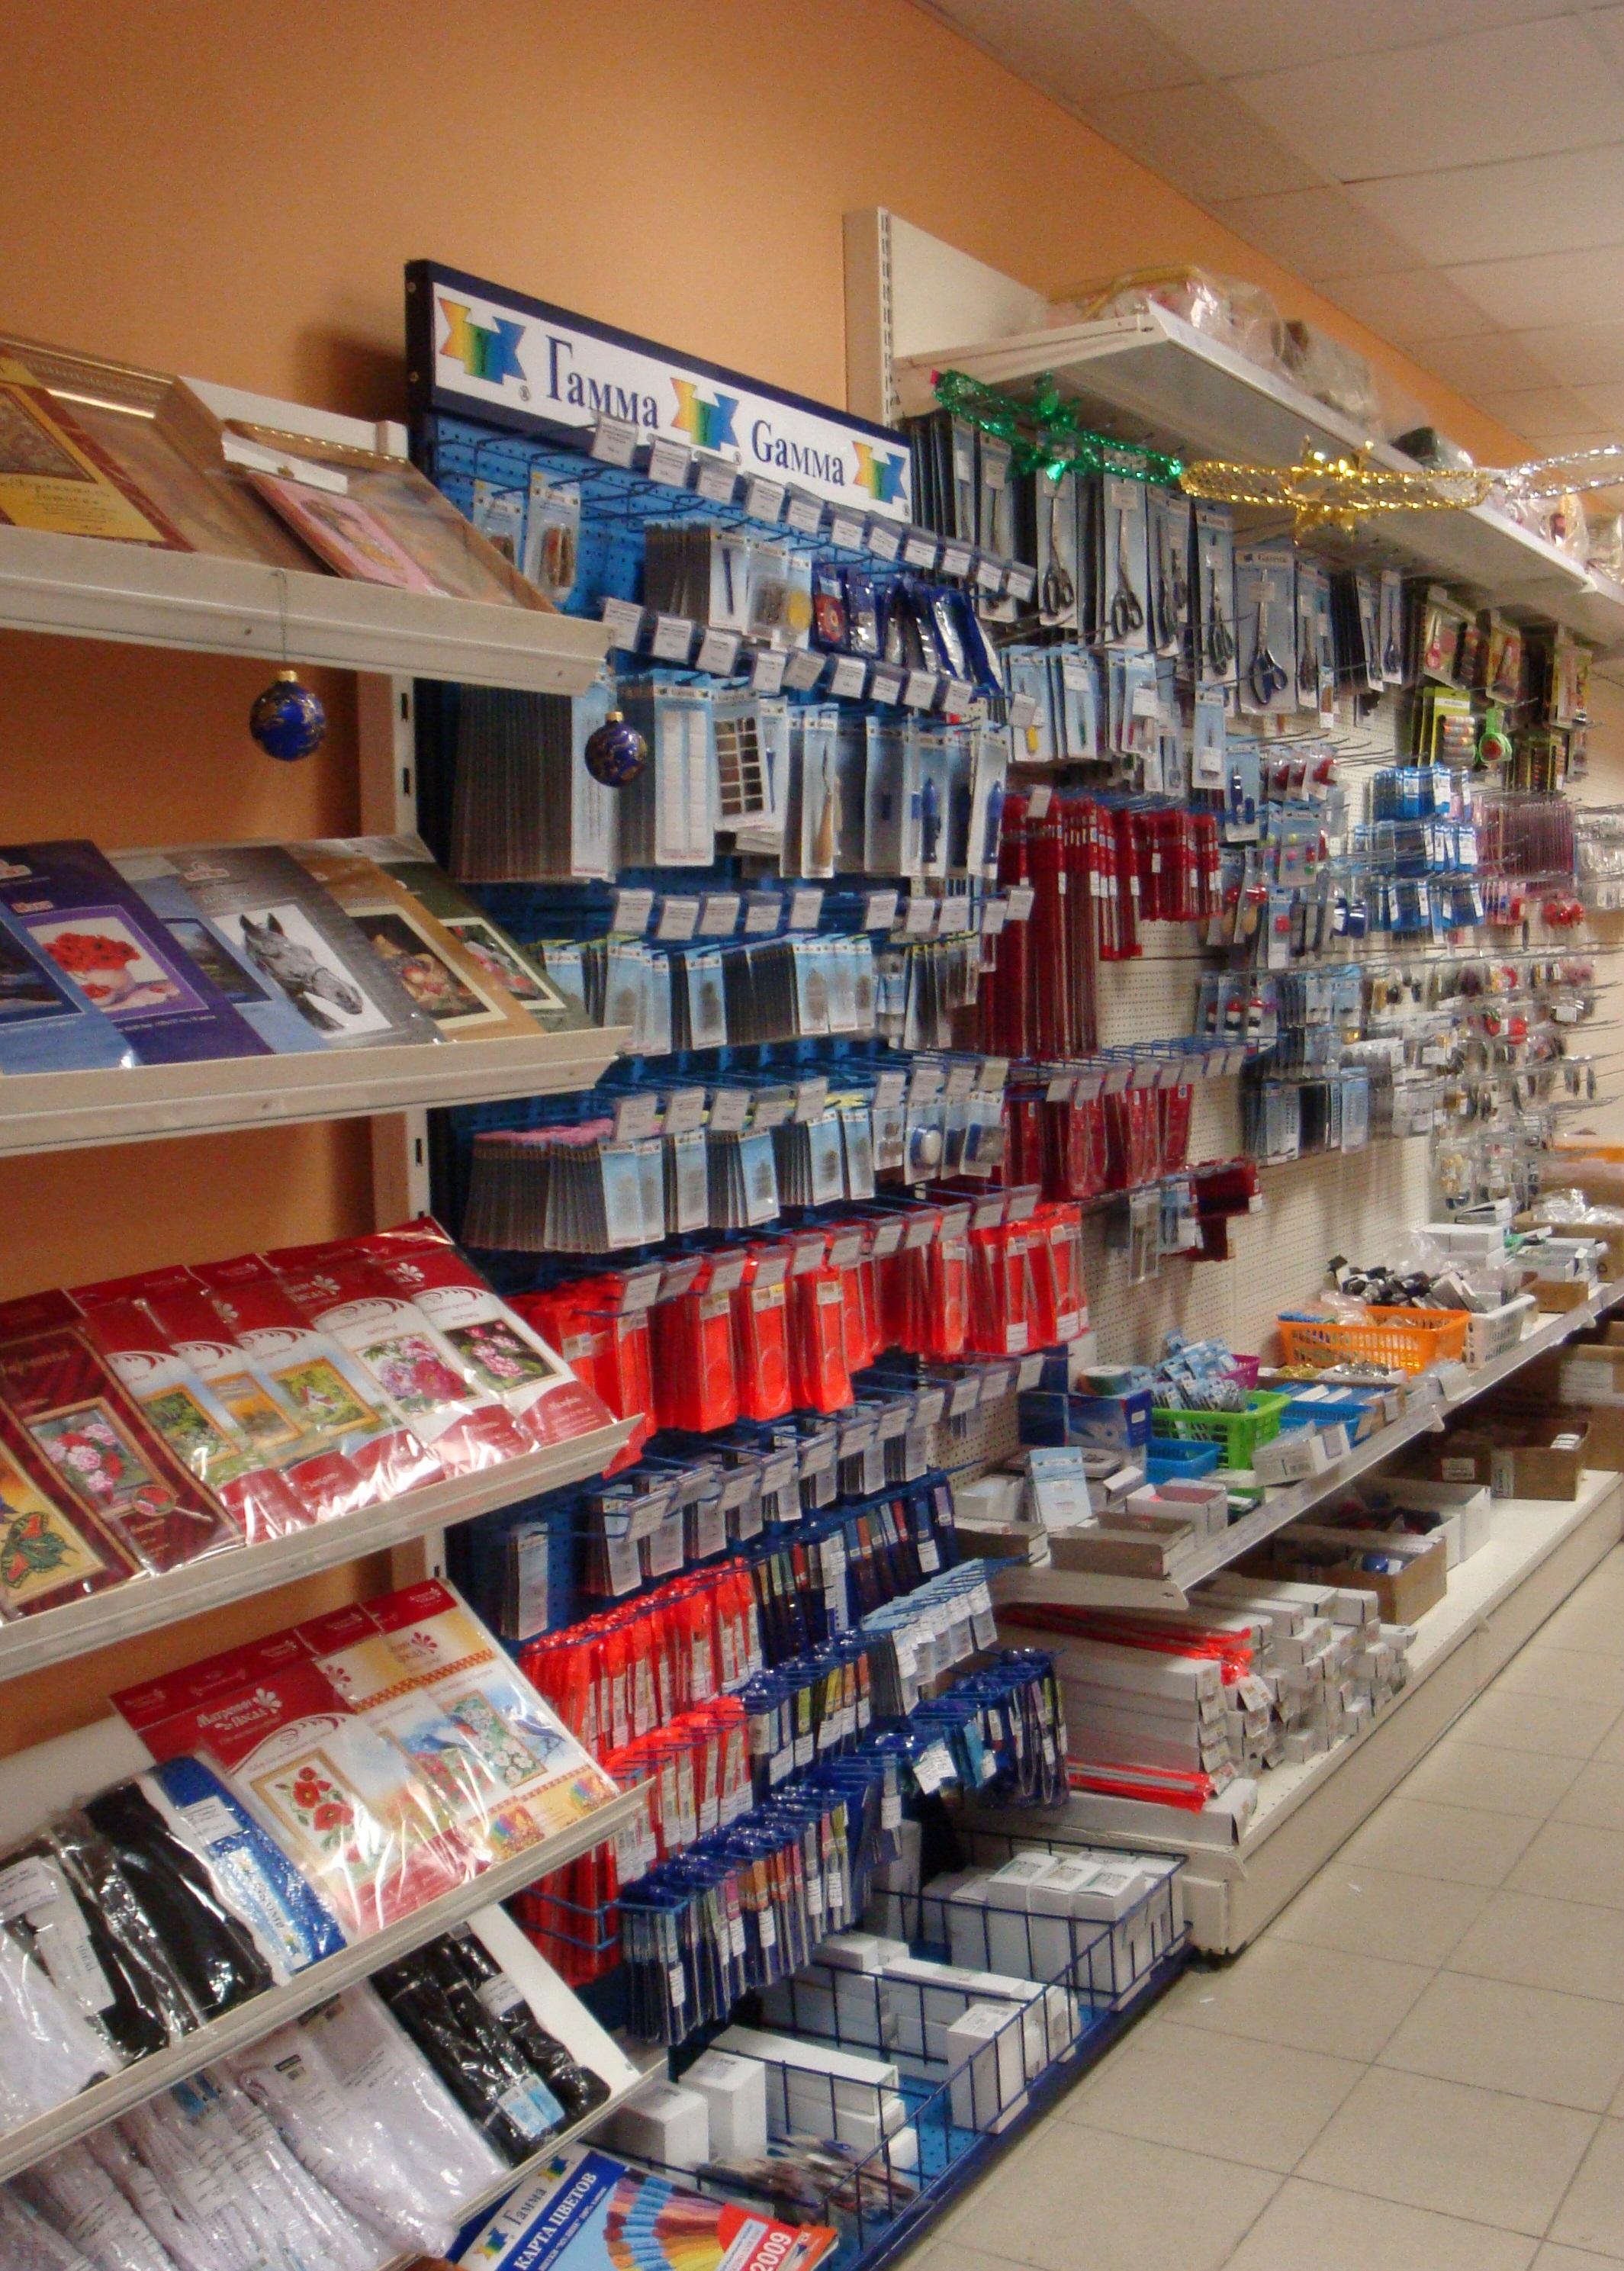 оптовые склады по продаже рыболовных сигарет в москве